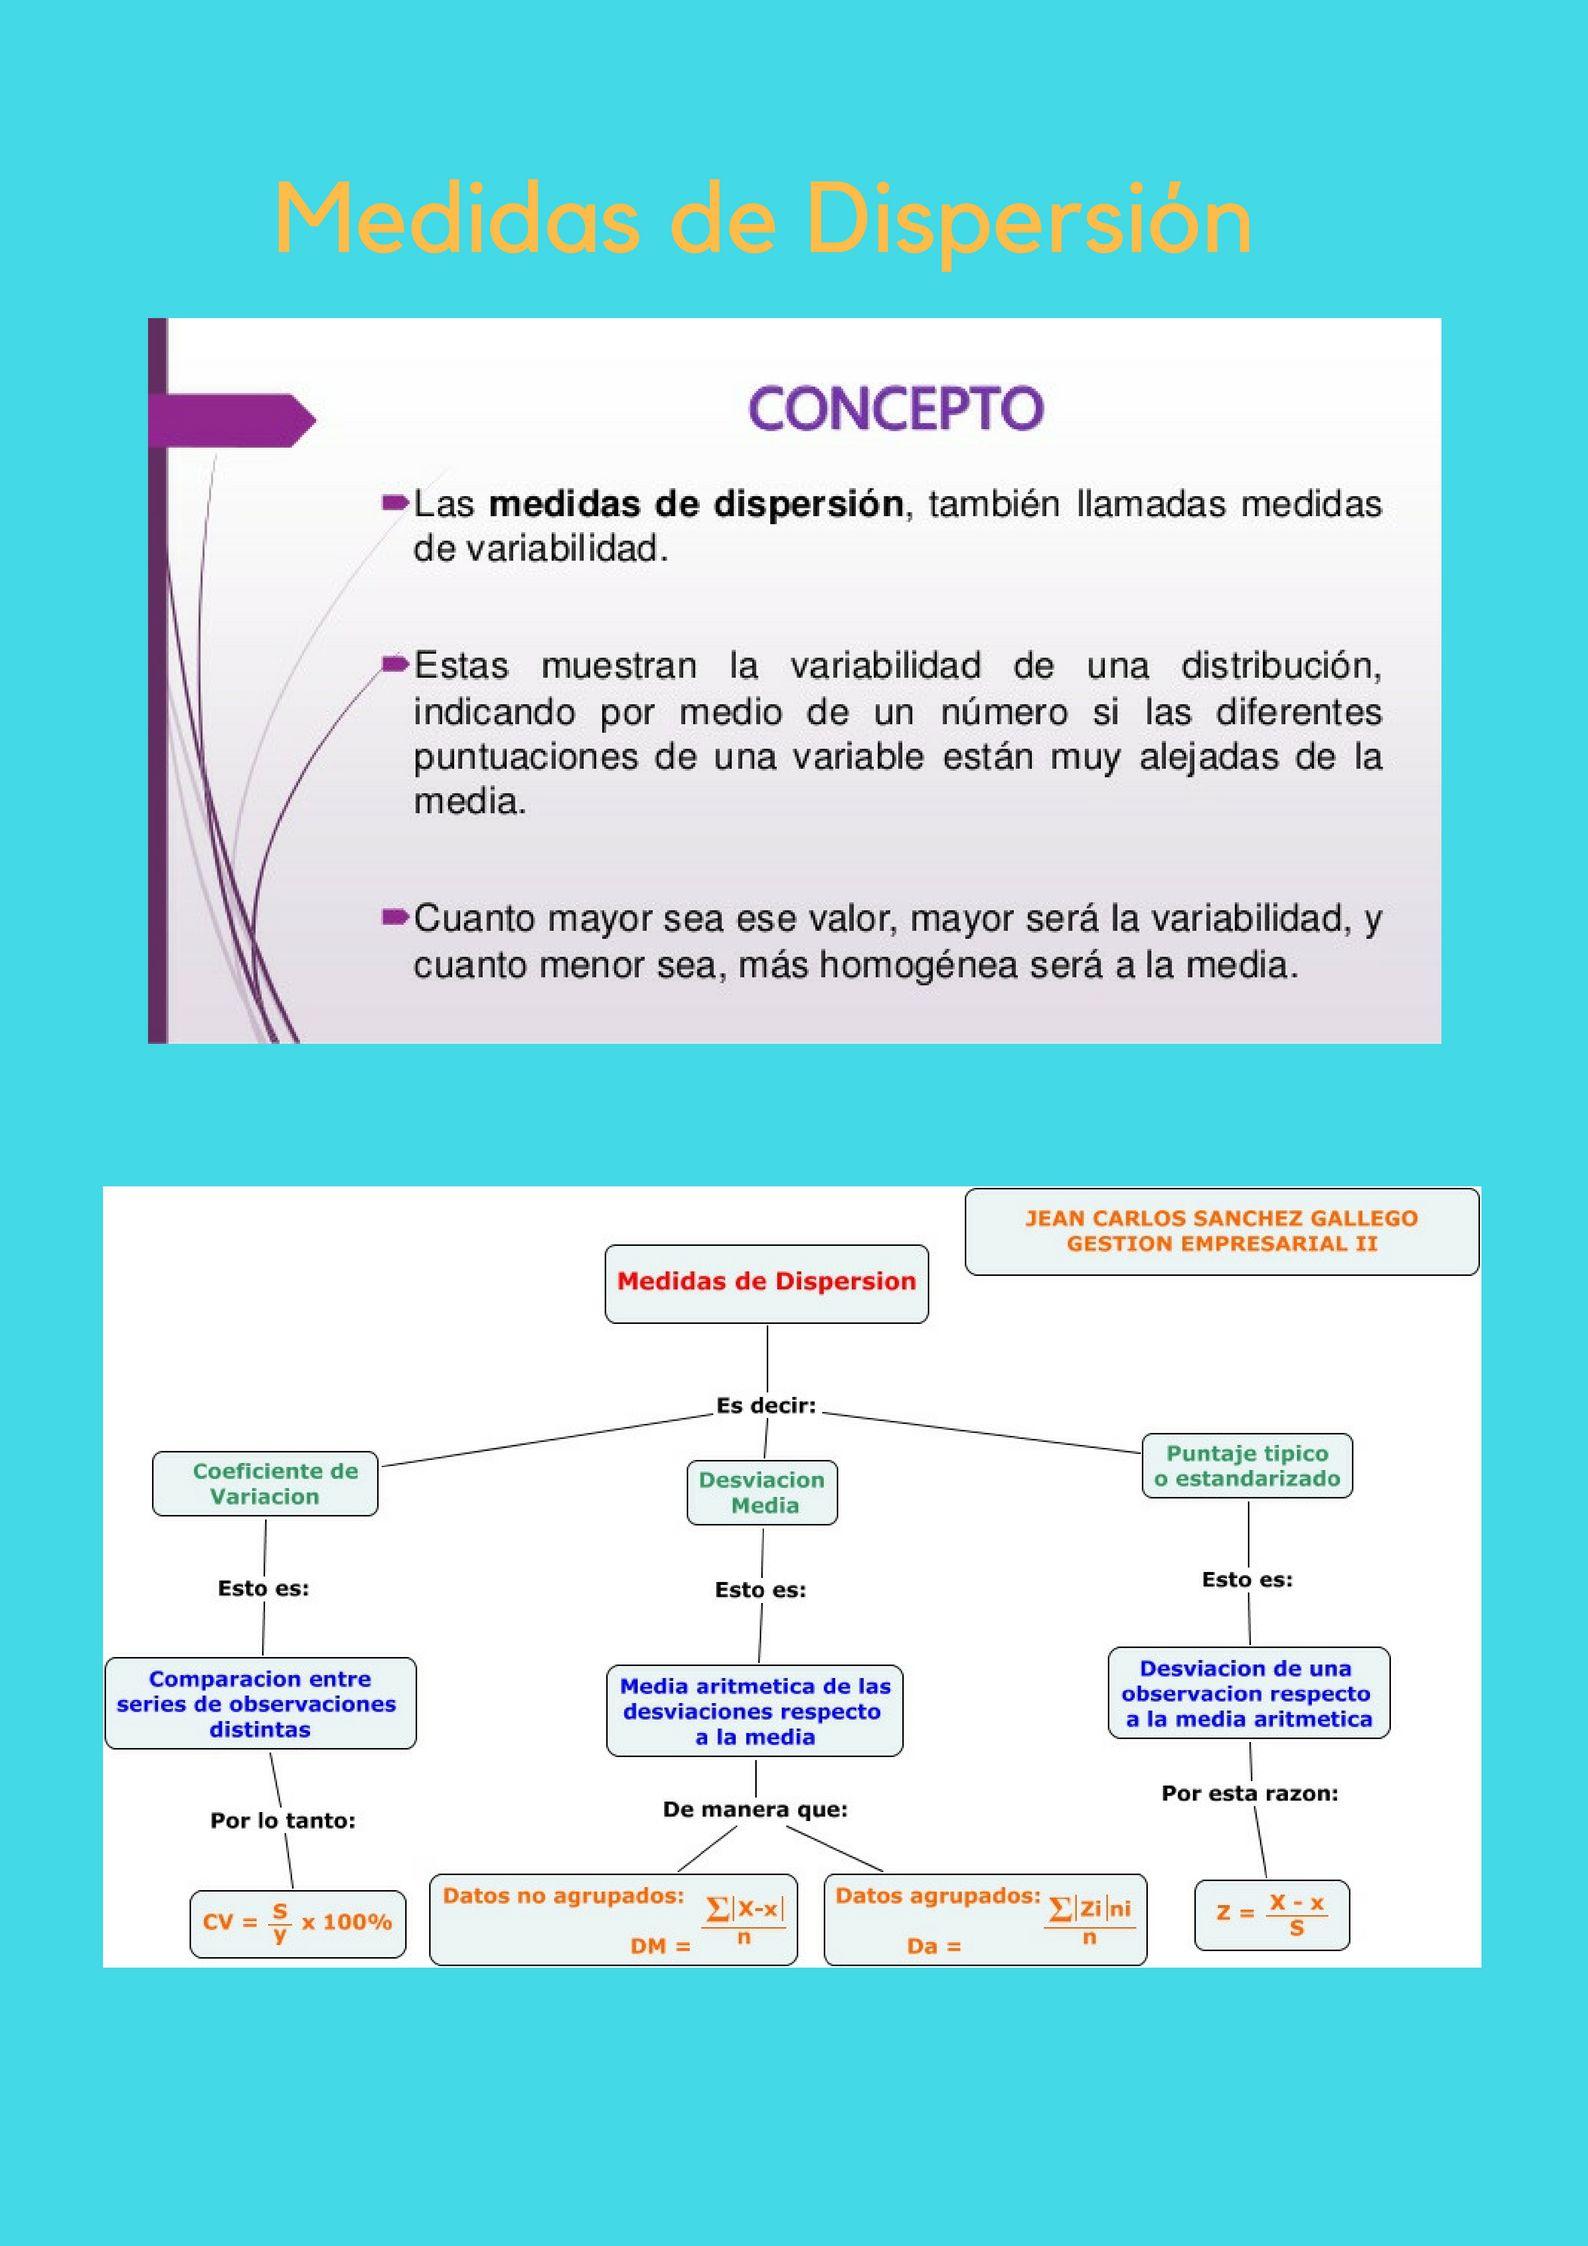 Definicion De Medidas De Dispersion Carlos Lascano Medidas De